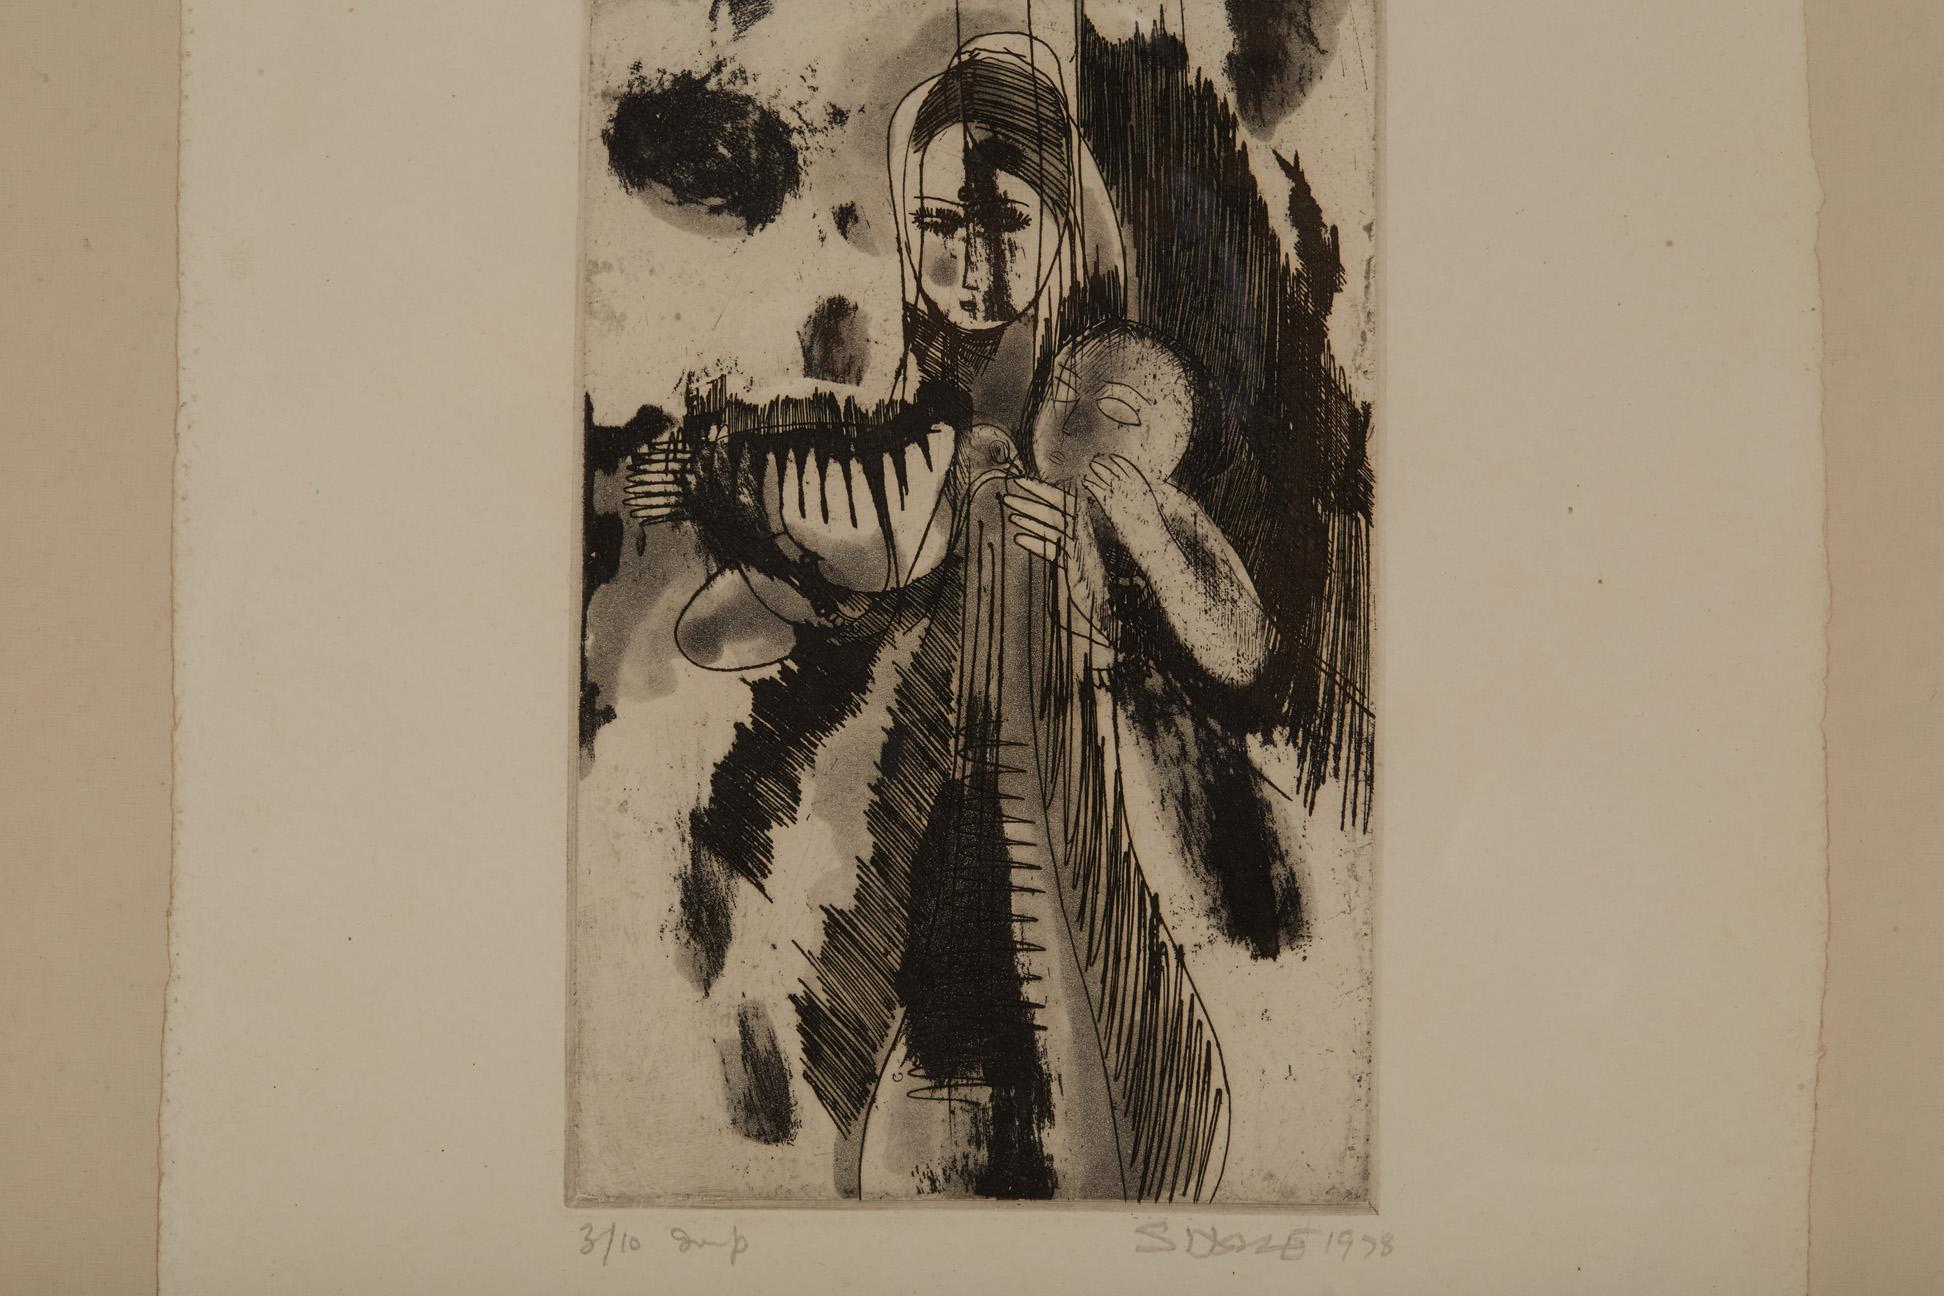 SOMNATH HORE (INDIAN, 1921-2006) - UNTITLED - Image 3 of 5